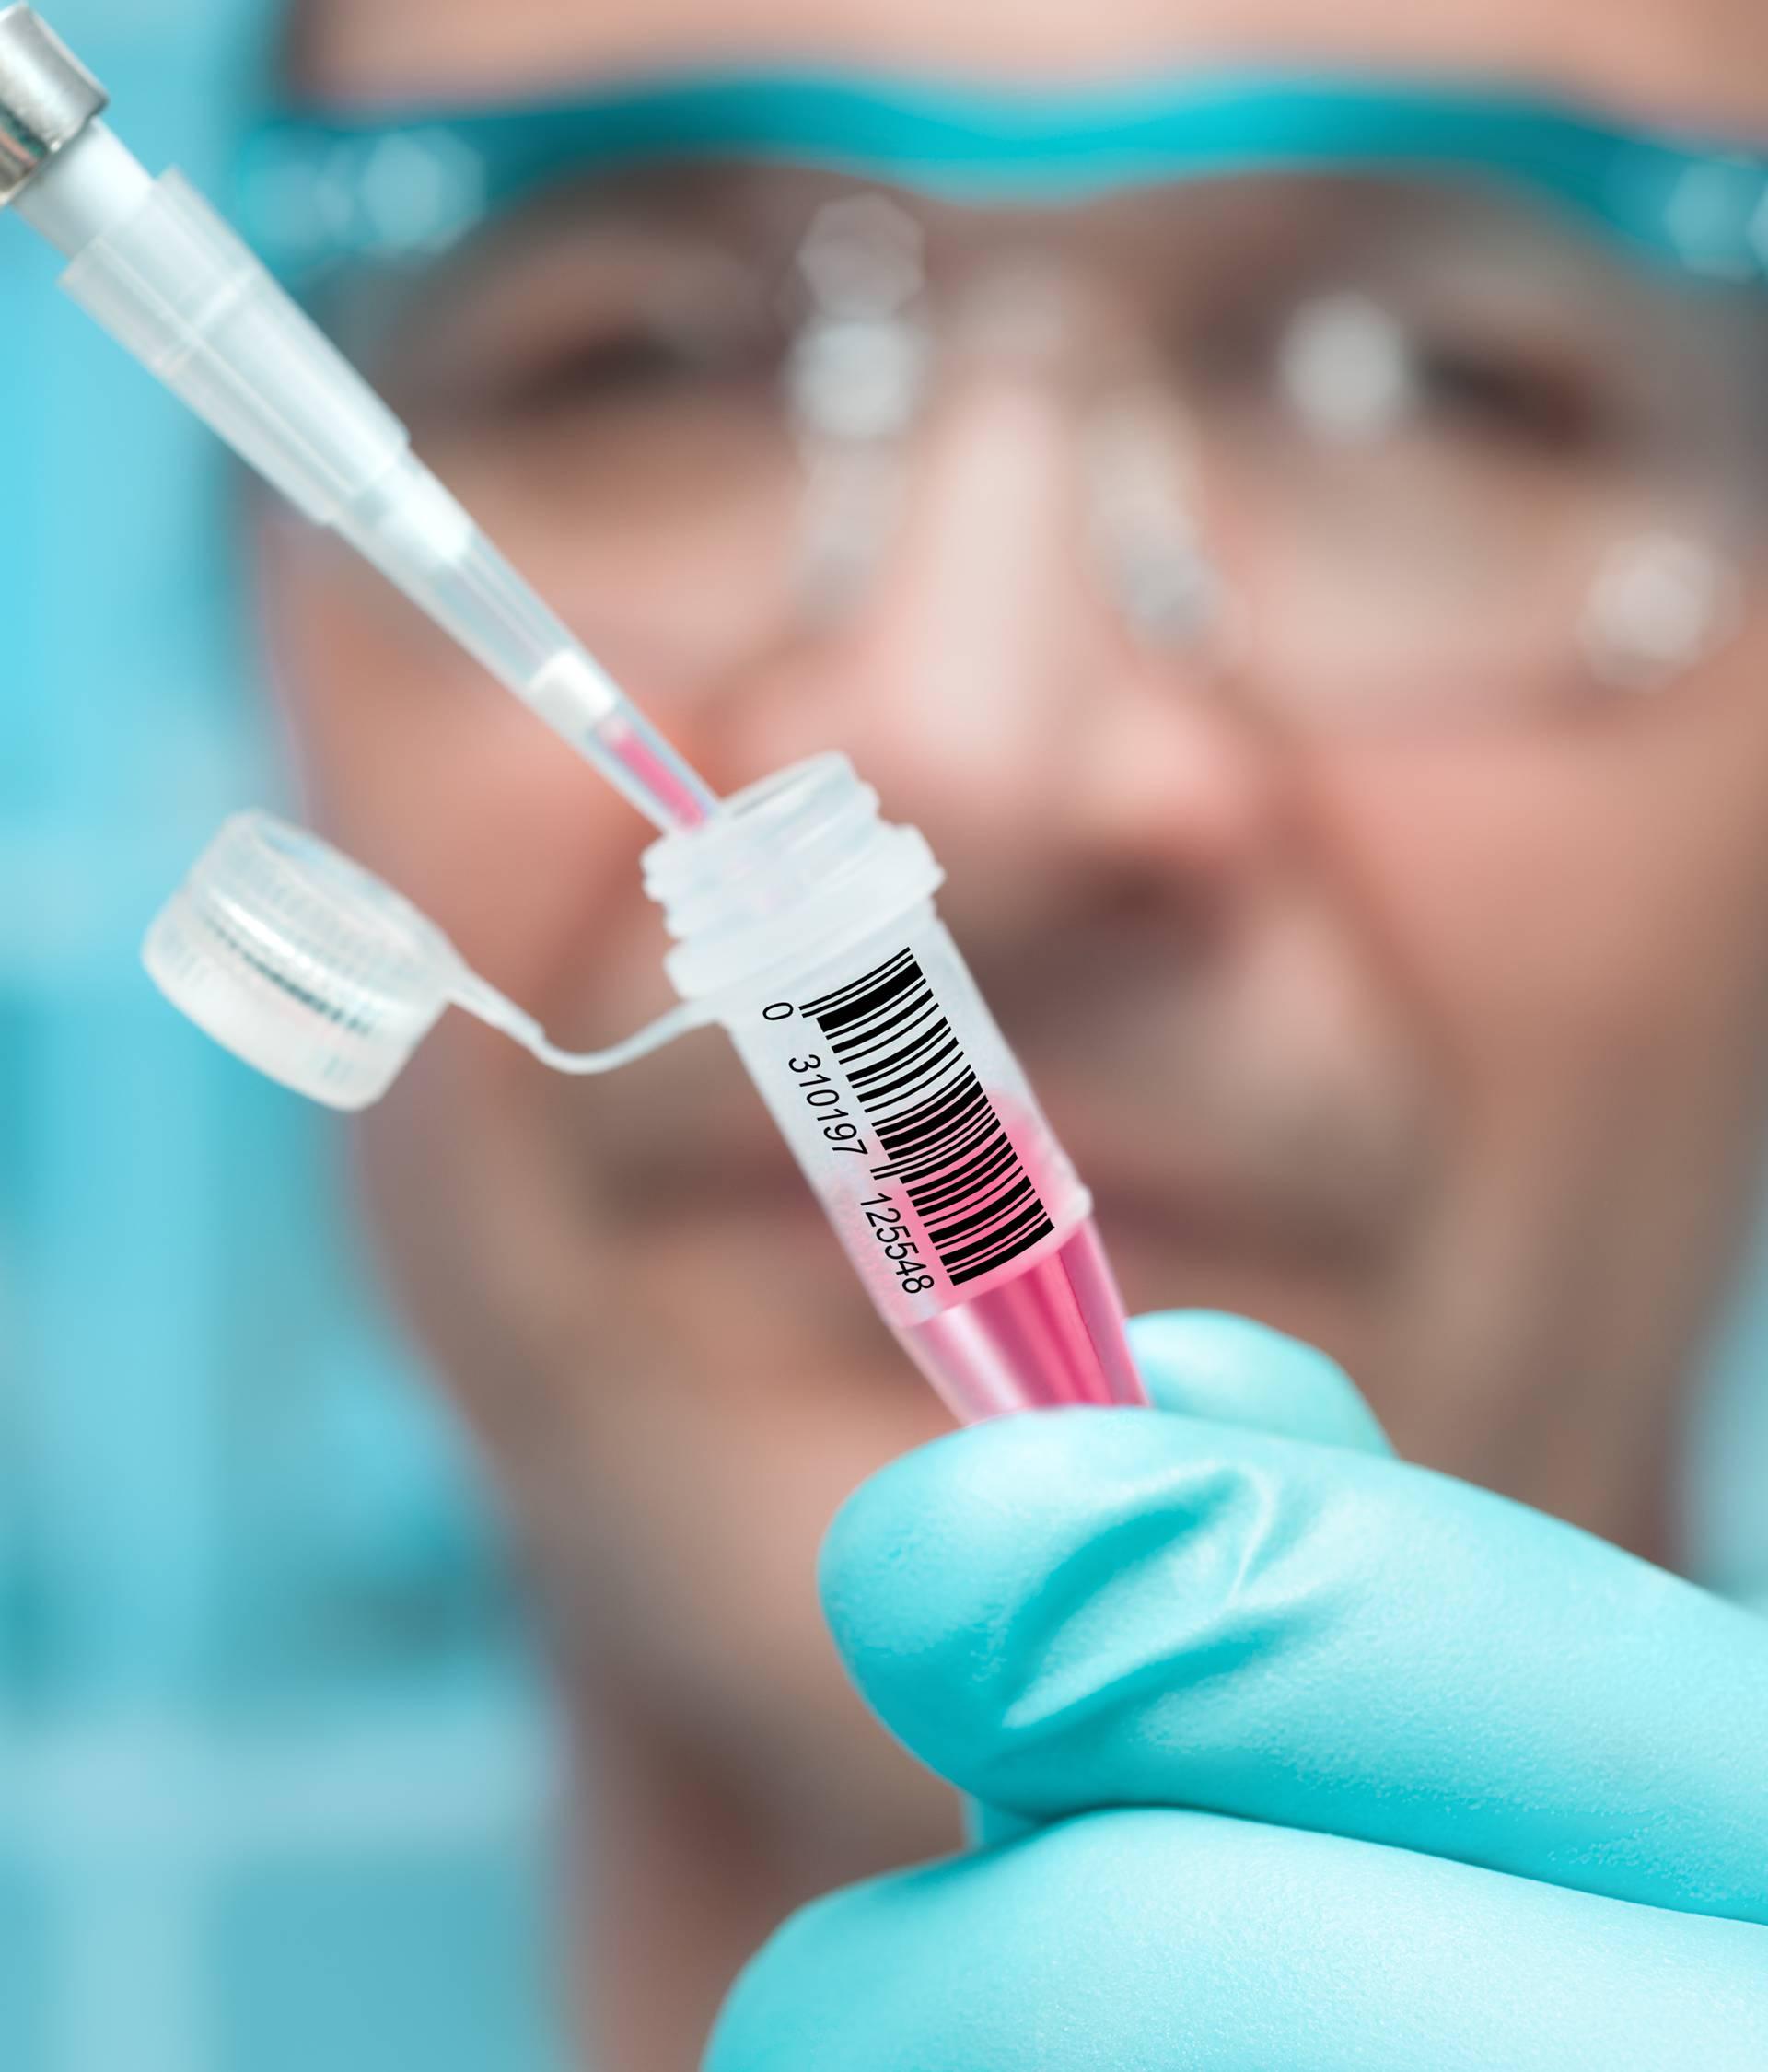 Počelo ispitivanje cjepiva koje jednom primjenom uništava rak